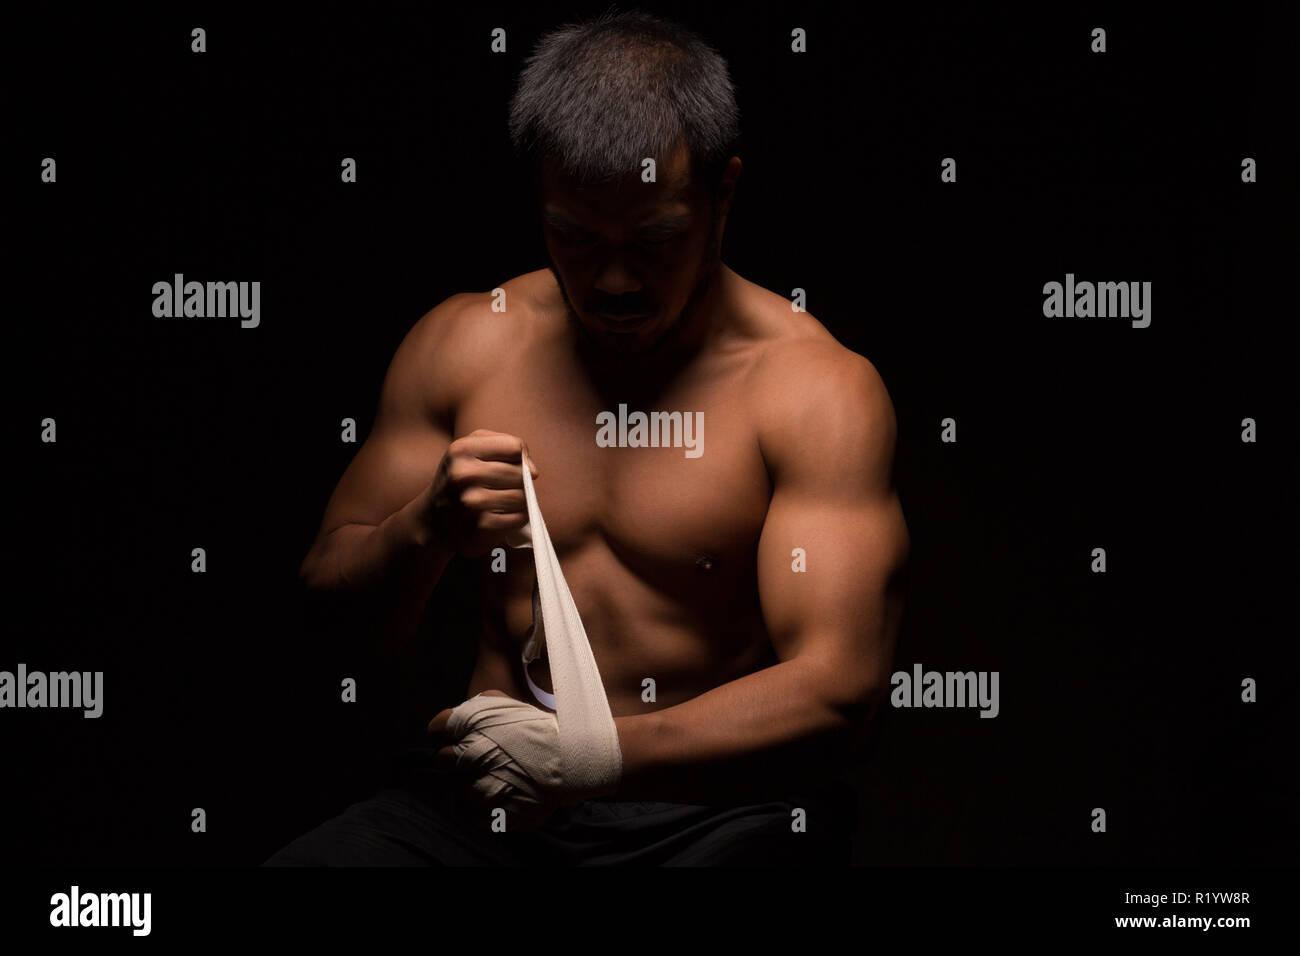 Uomo asiatico con muscolare del corpo superiore si sta preparando per la lotta Immagini Stock